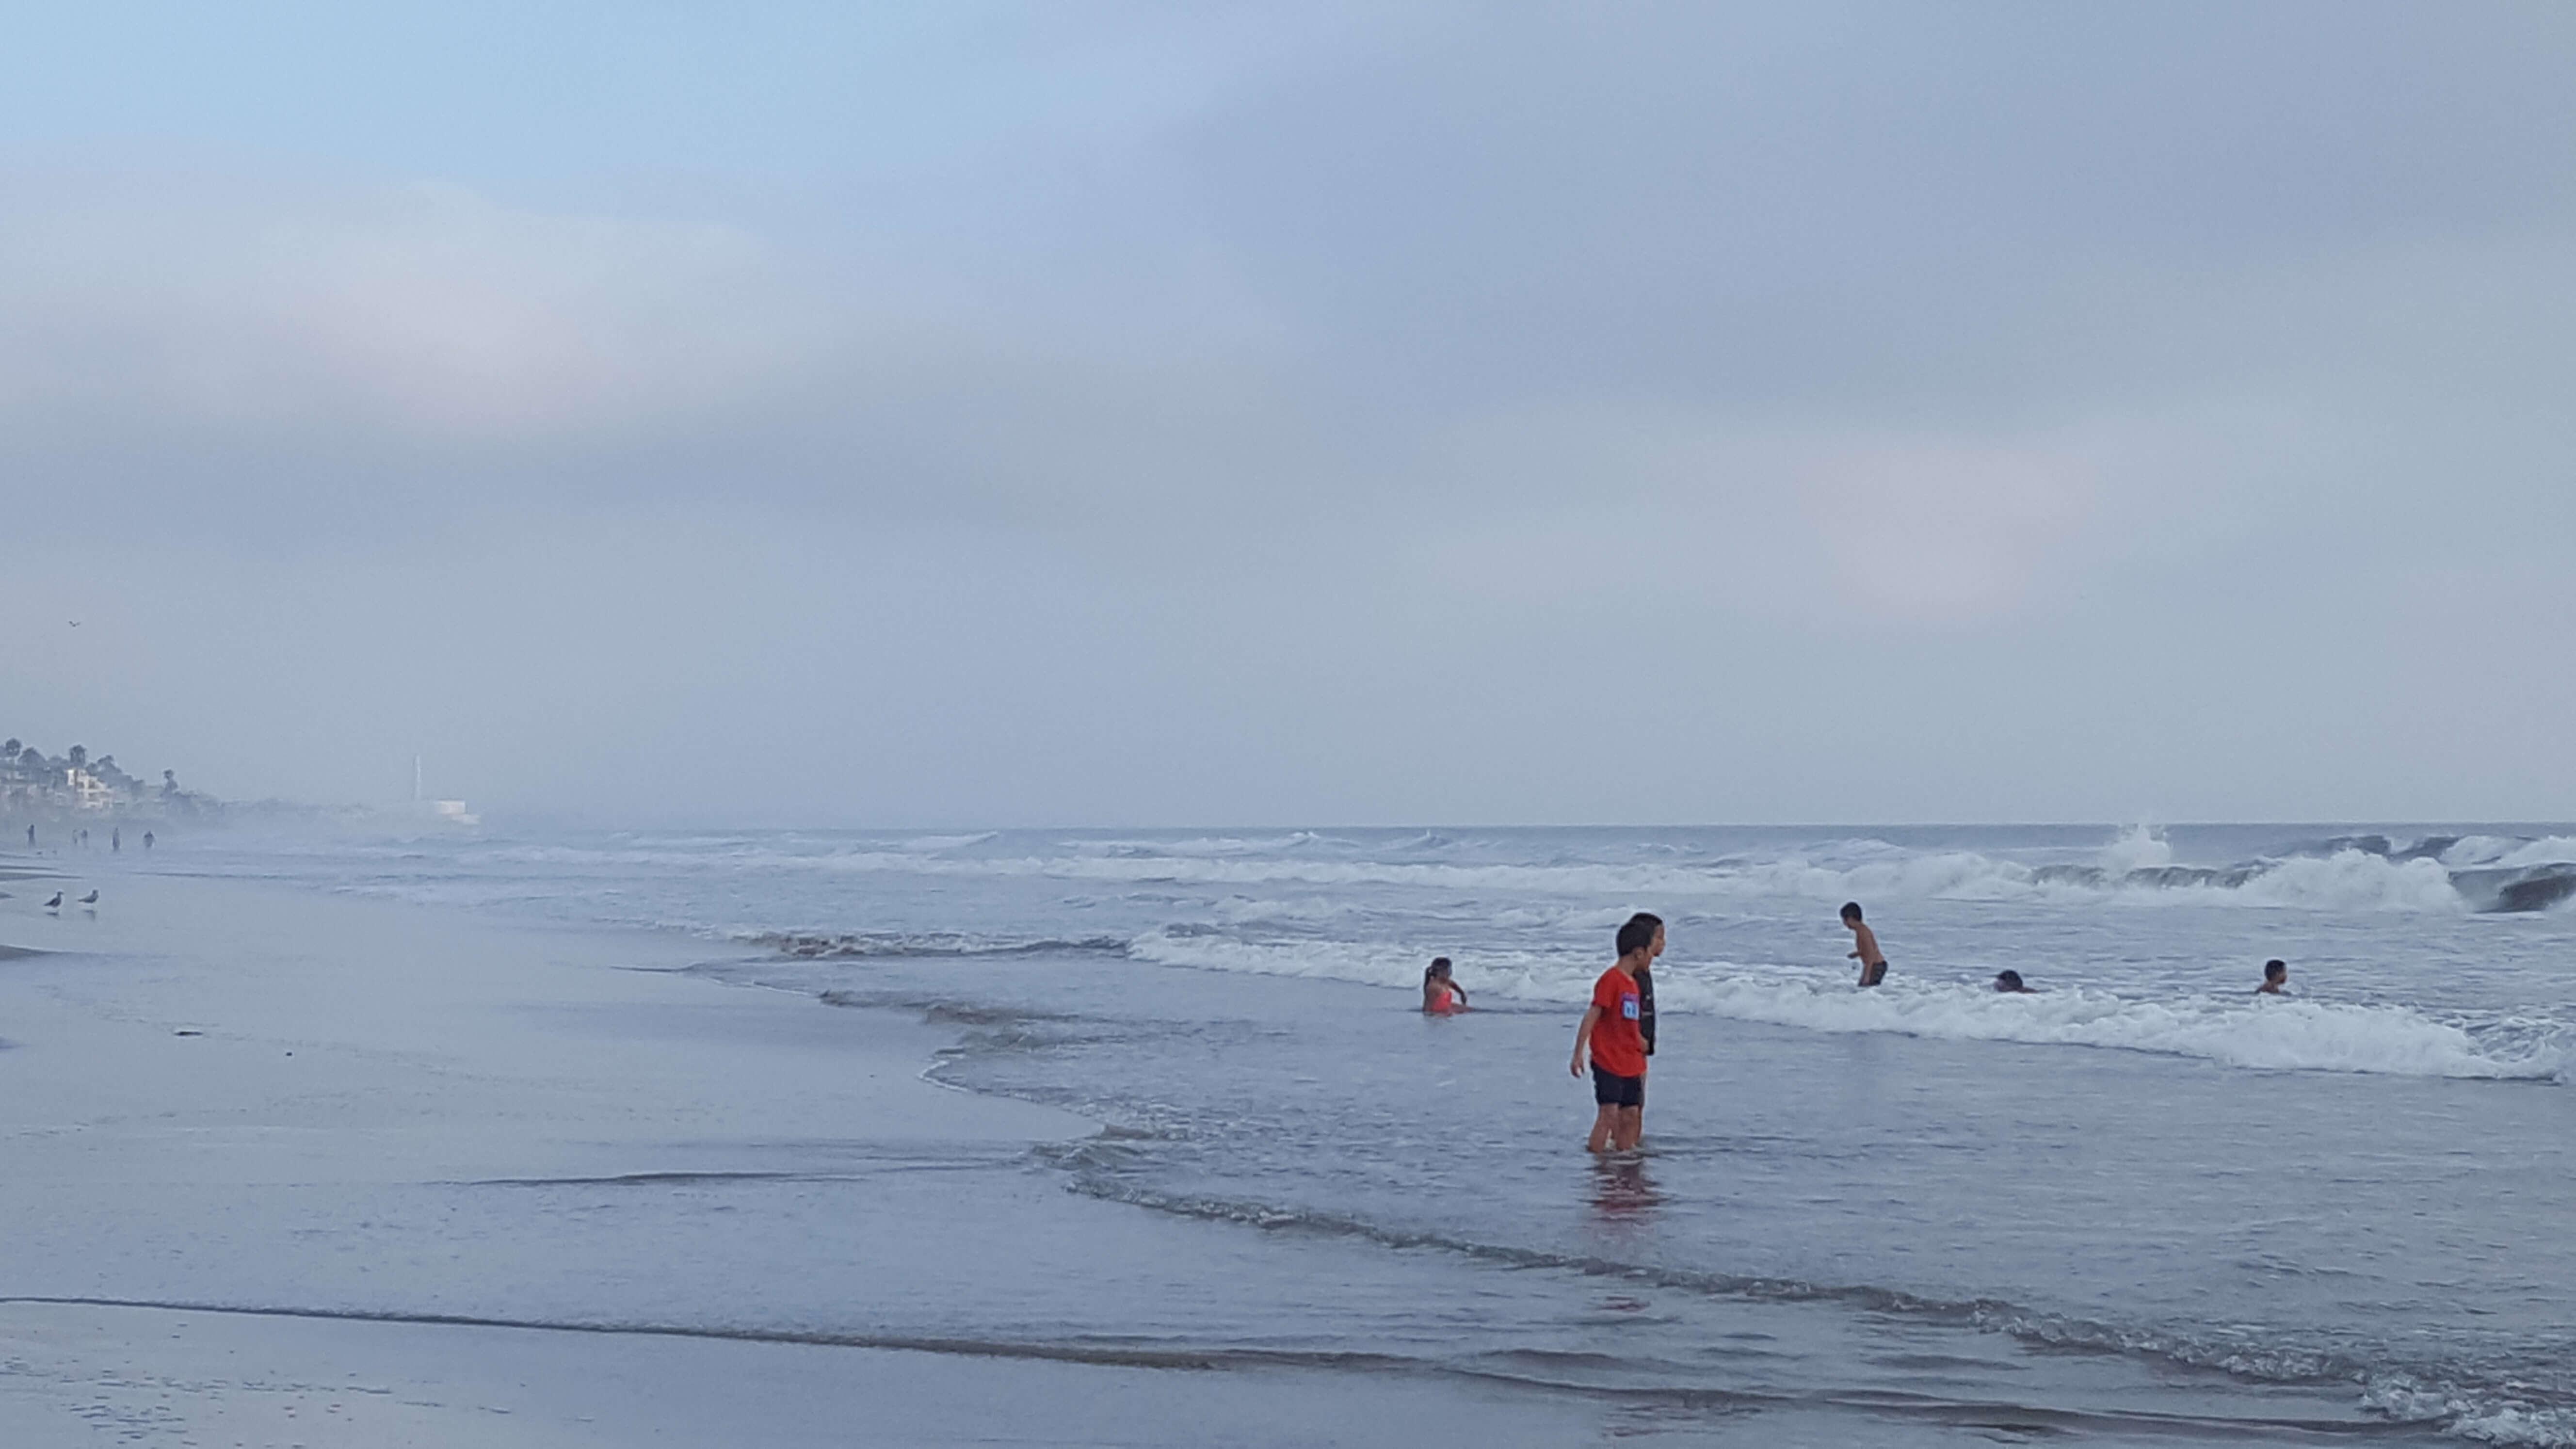 Waves on Pacific Ocean at Oceanside, CA